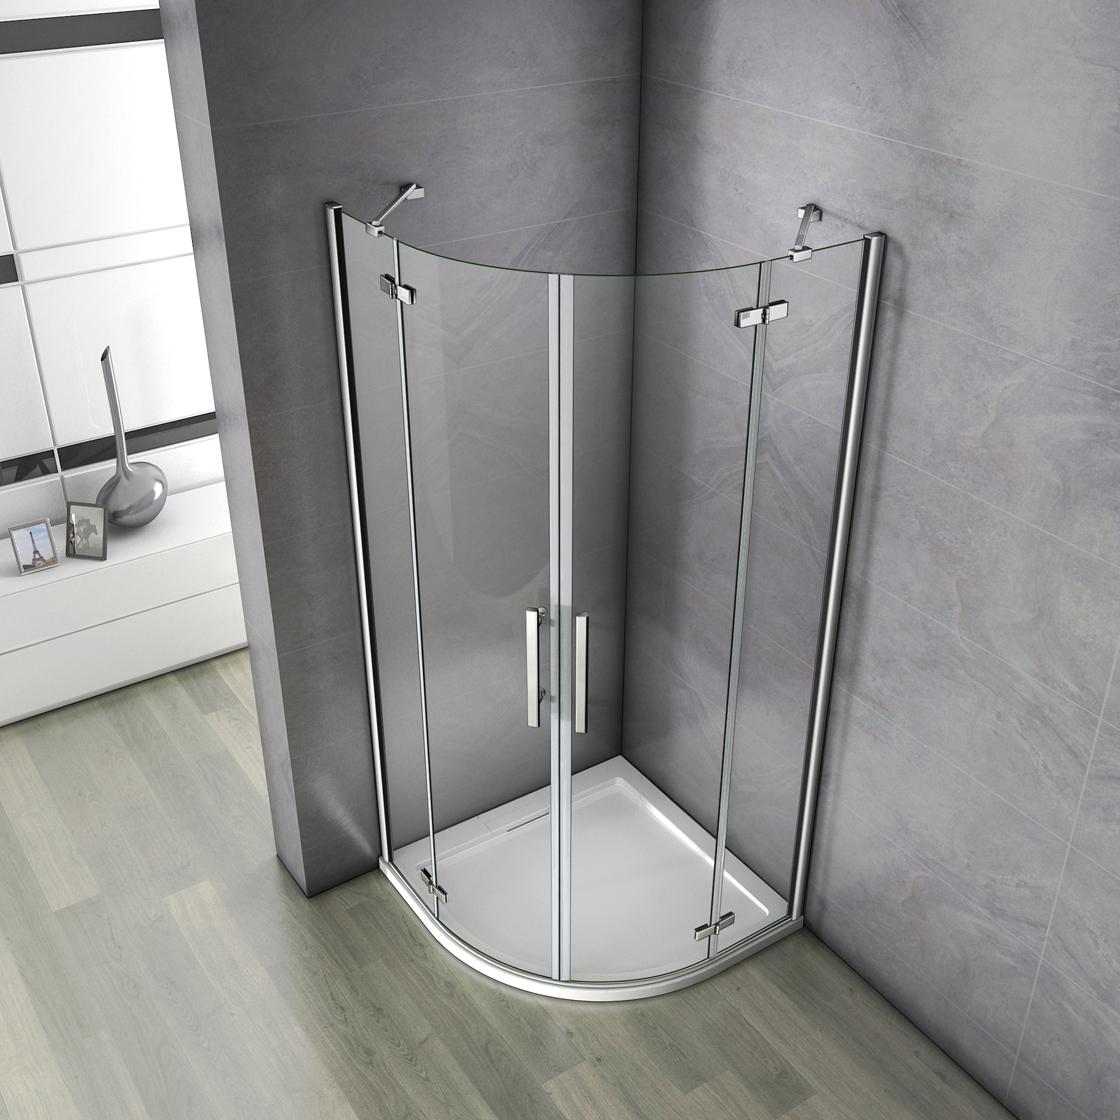 90x90x195cm duschkabine viertelkreis runddusche duschabtrennung acryl duschtasse ebay. Black Bedroom Furniture Sets. Home Design Ideas